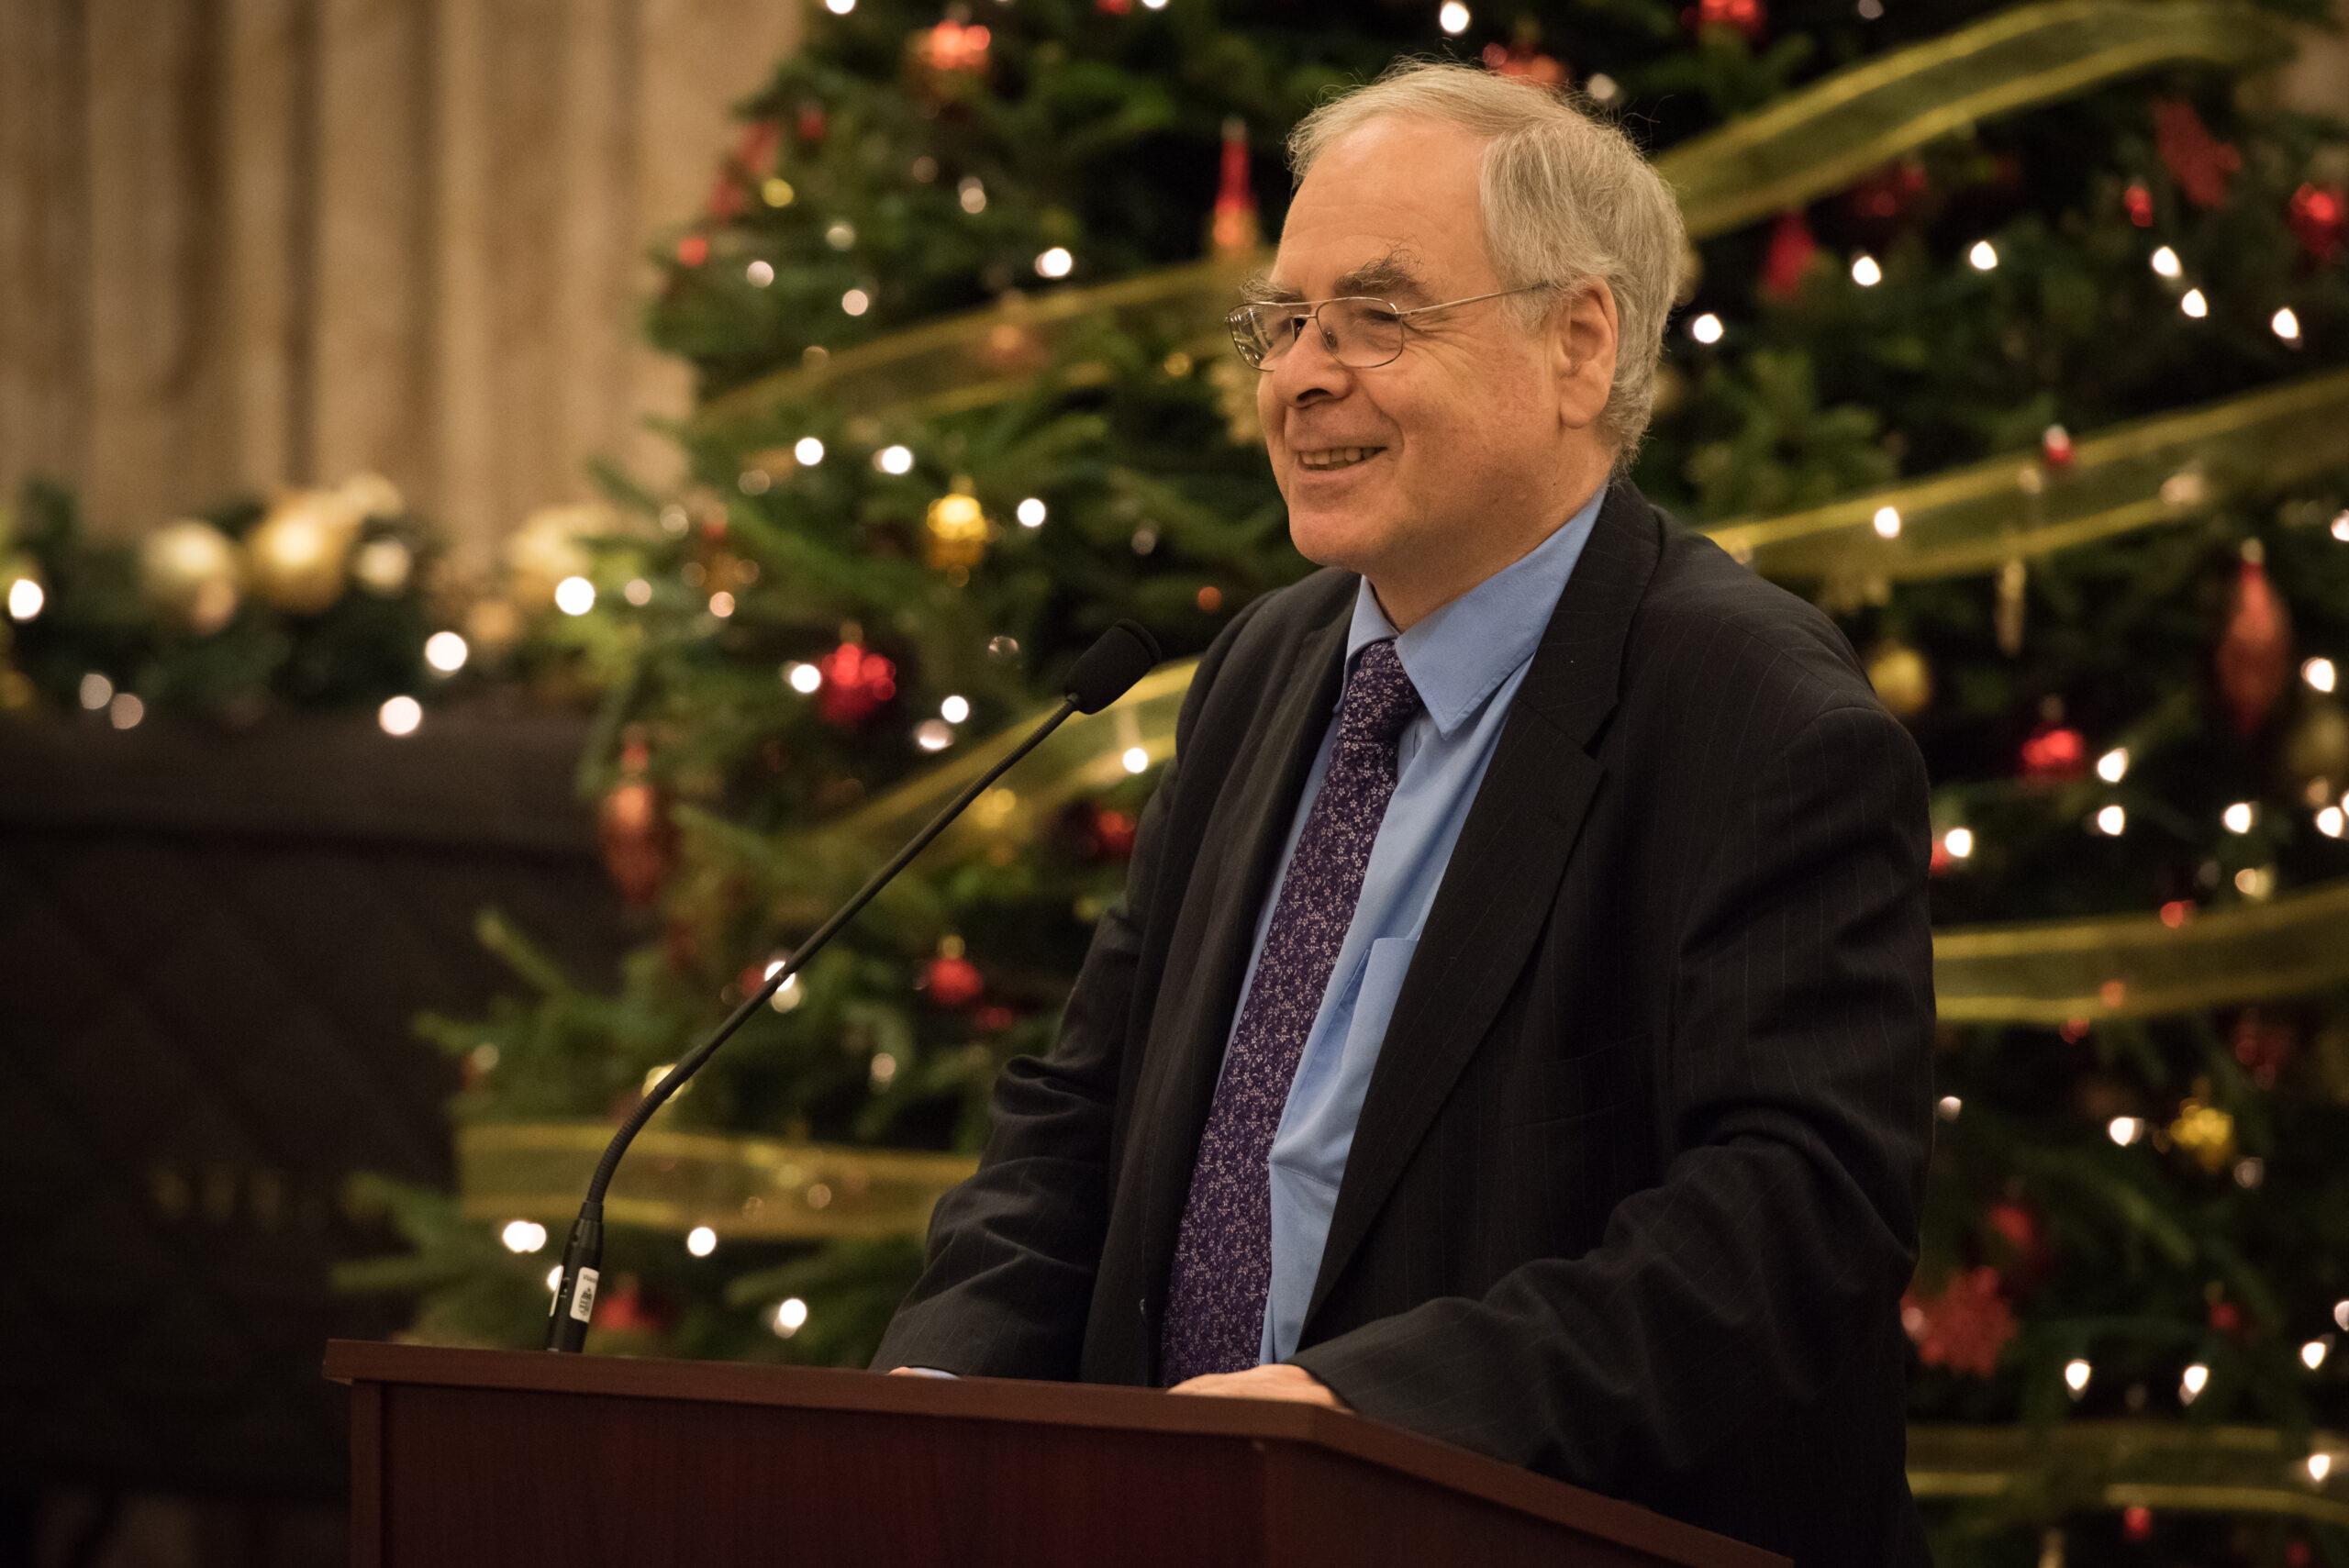 Dr. György Schöpflin delivering his keynote remarks